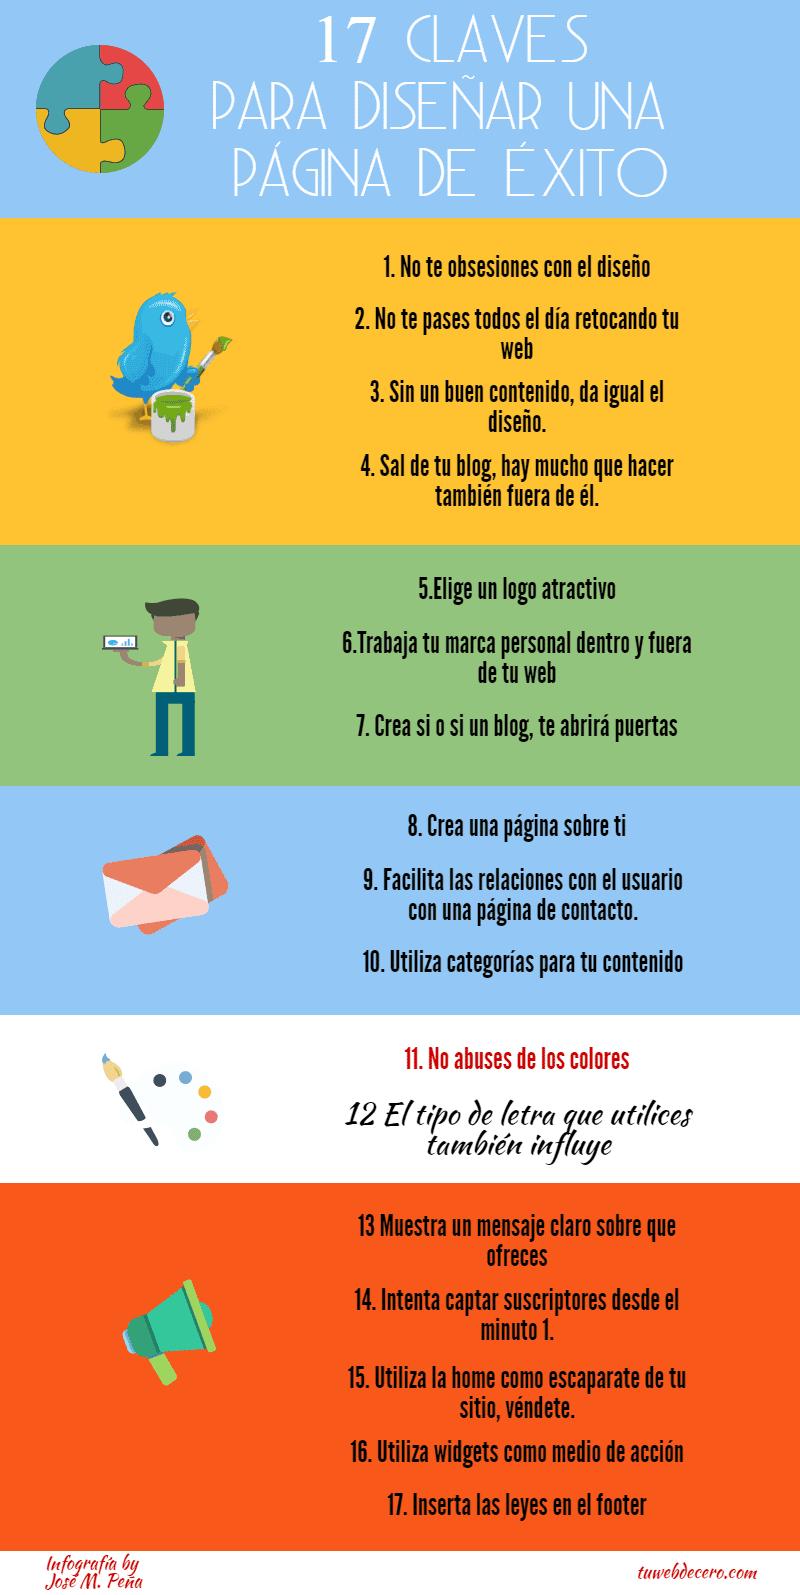 Cómo diseñar una Página web de Éxito. 17 claves para hacerlo.